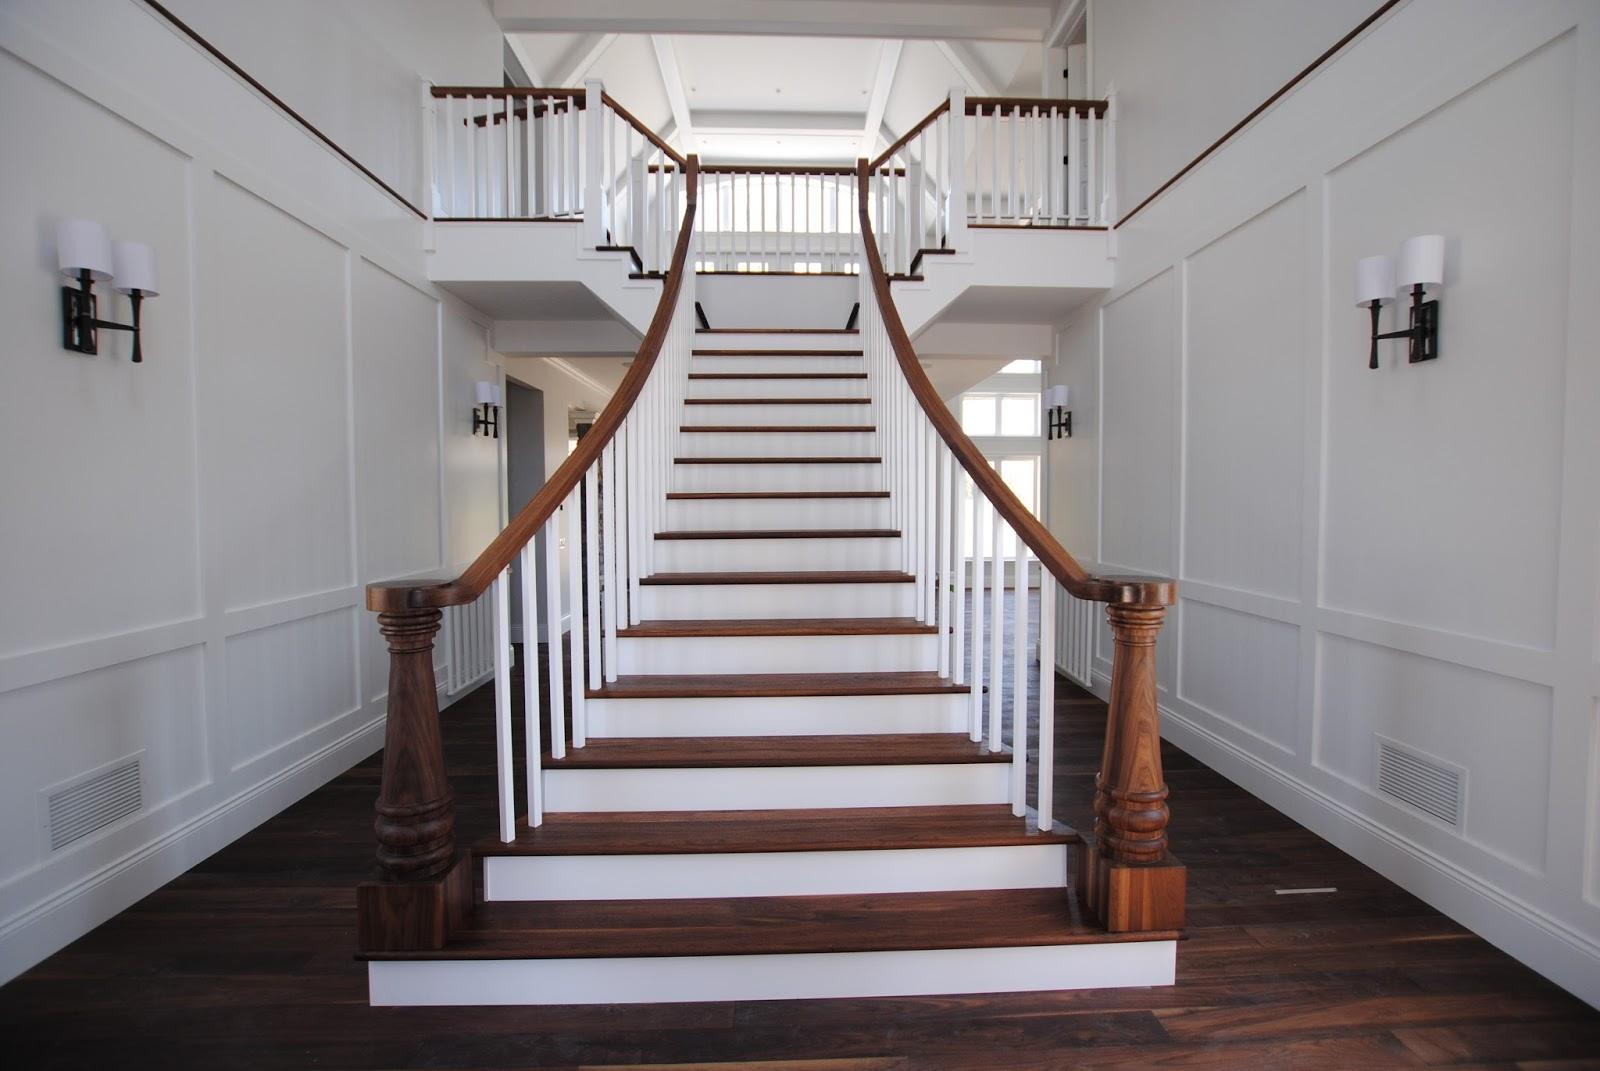 feuille excel calcul des diff rents types d 39 escaliers cours g nie civil outils livres. Black Bedroom Furniture Sets. Home Design Ideas